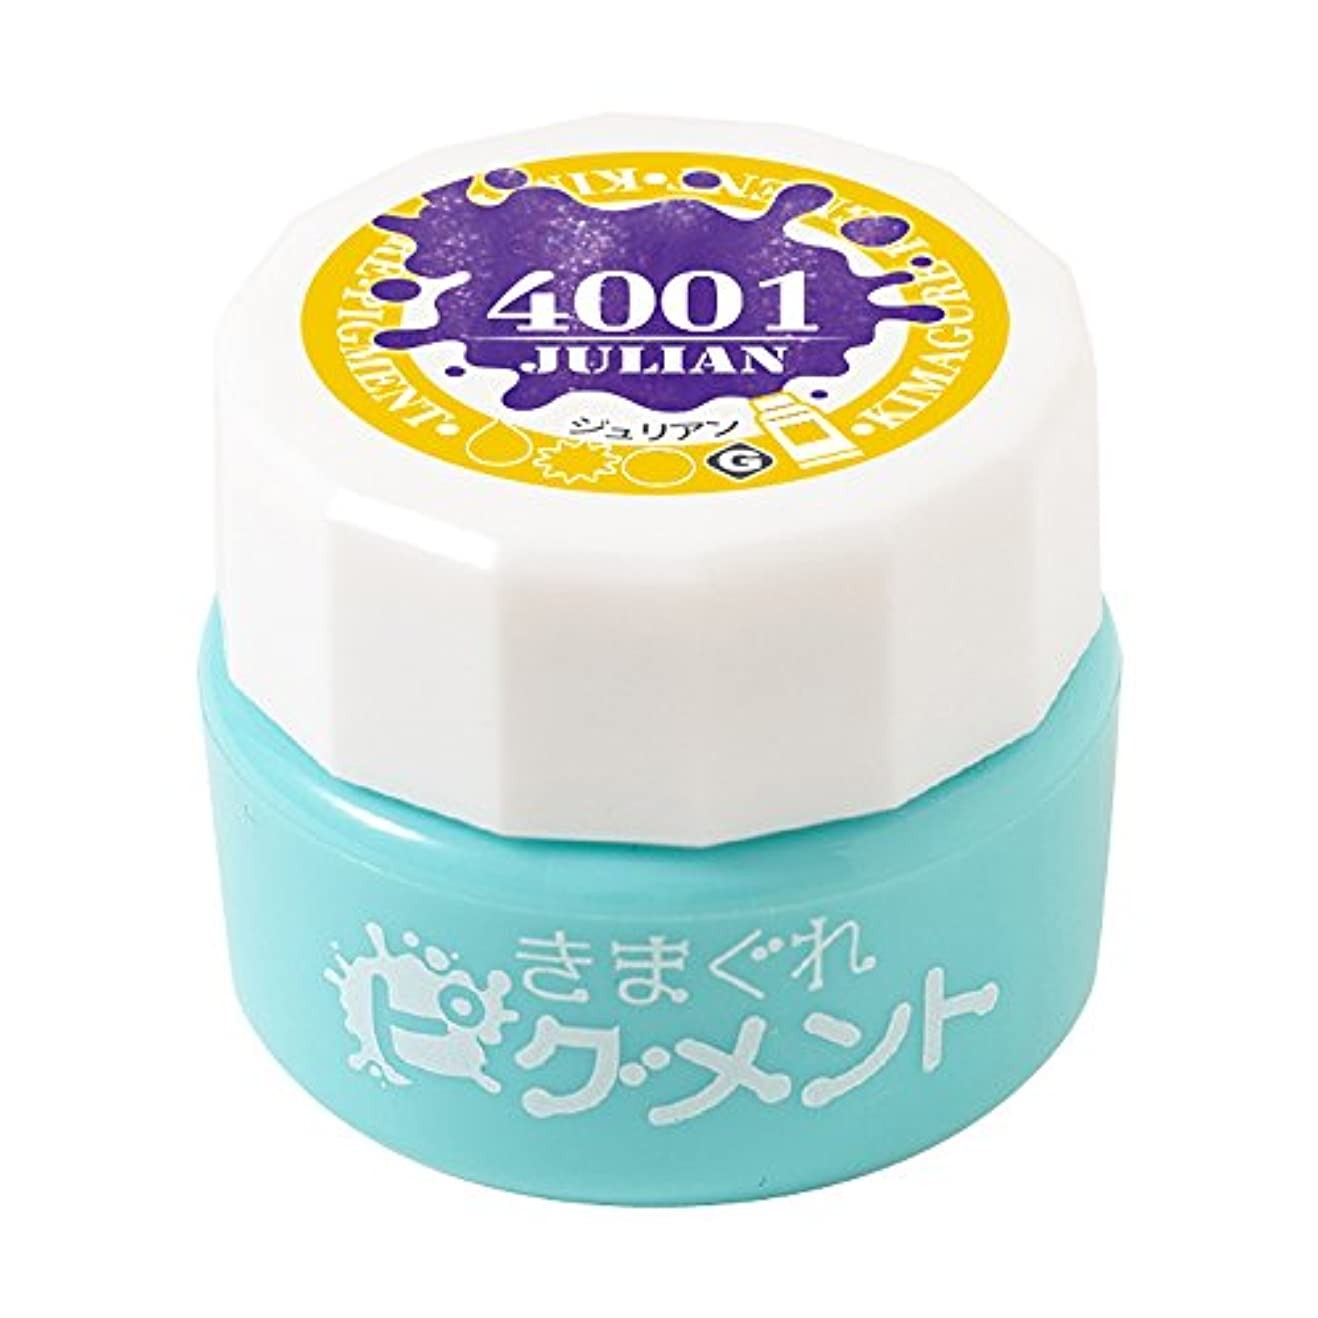 草吸収剤フルーティーBettygel きまぐれピグメント ジュリアン QYJ-4001 4g UV/LED対応